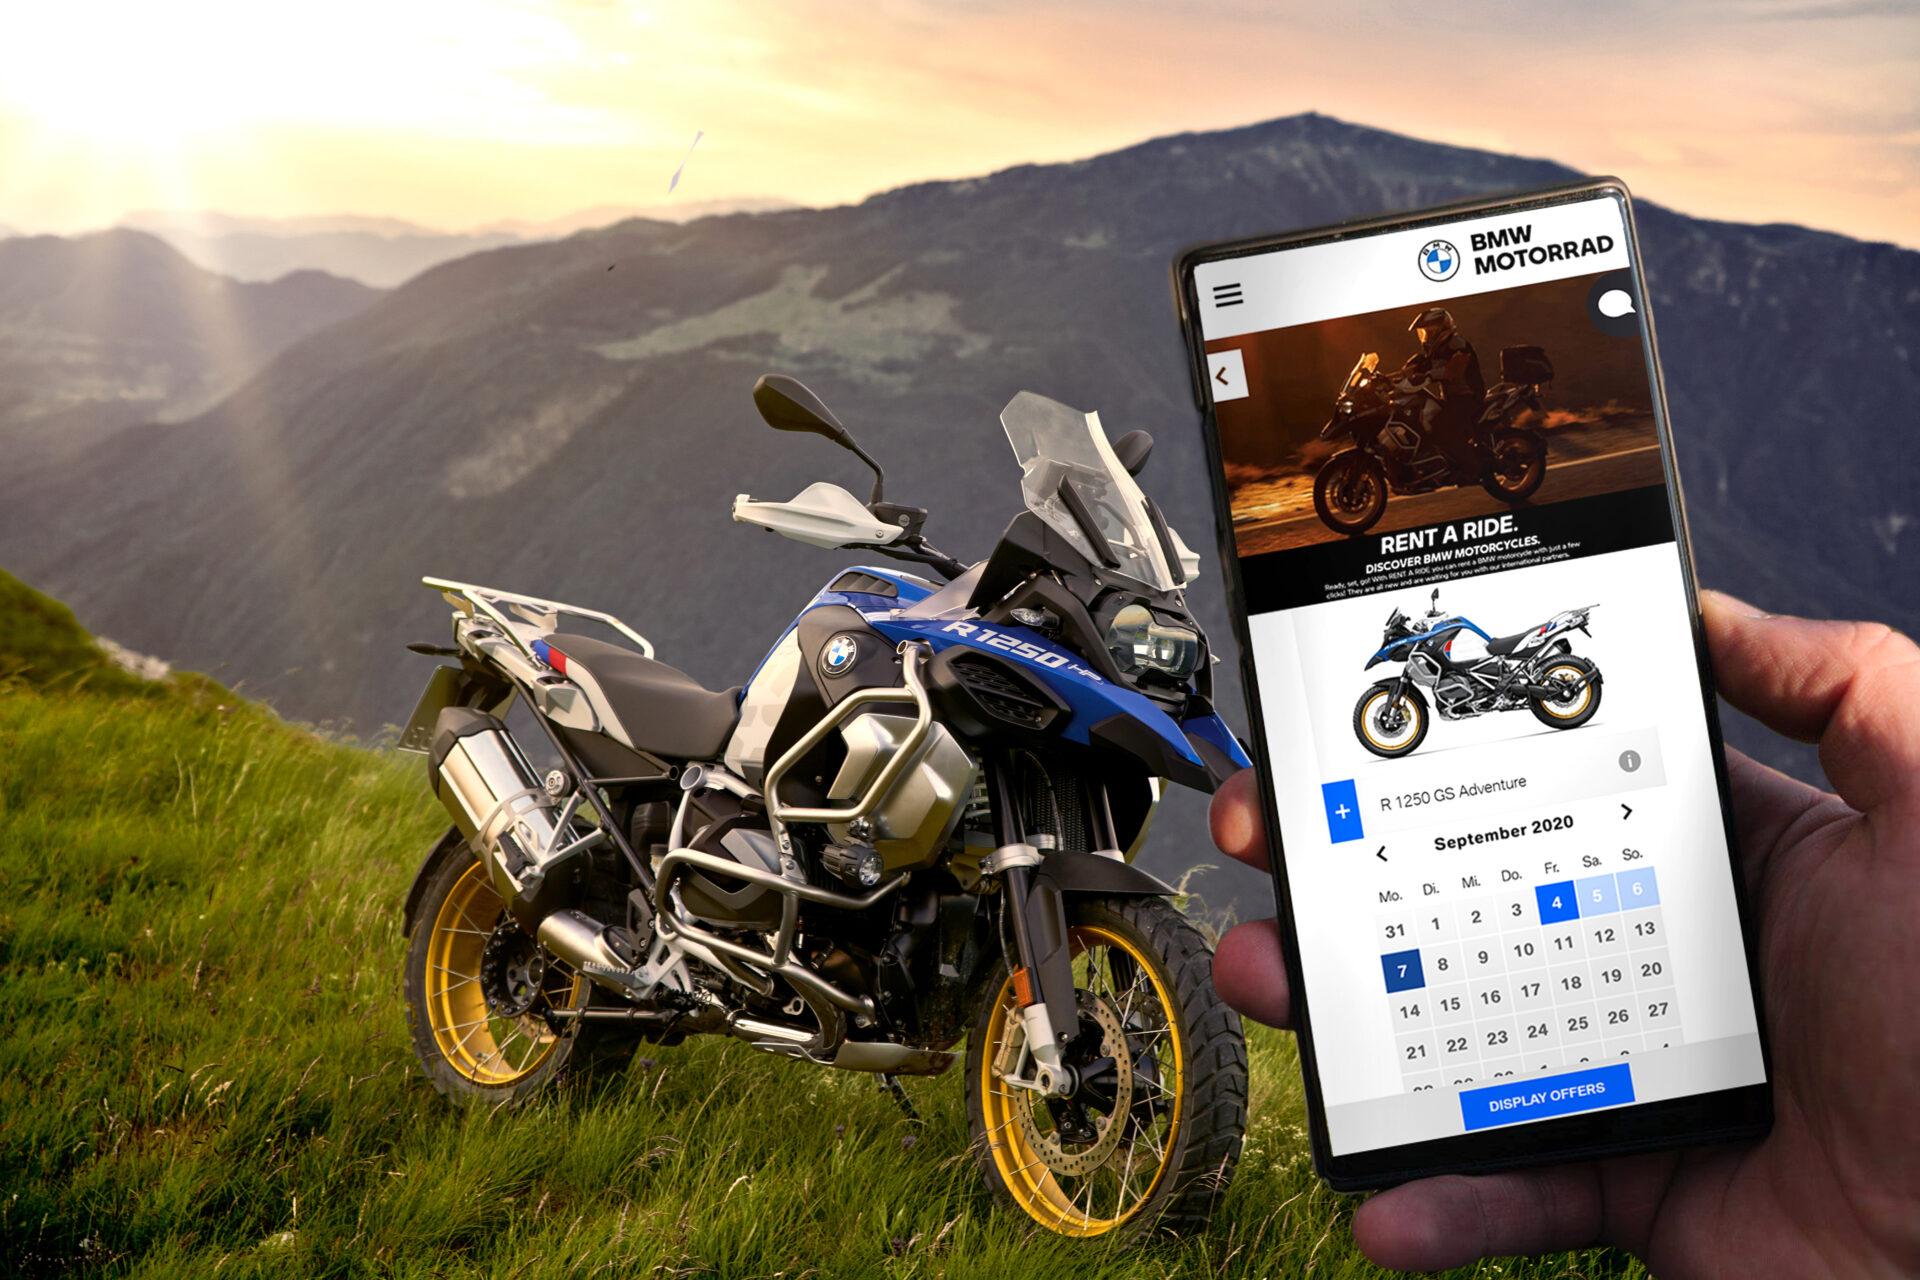 Así es Rent a Ride, el nuevo servicio de alquiler de motocicletas de BMW Motorrad